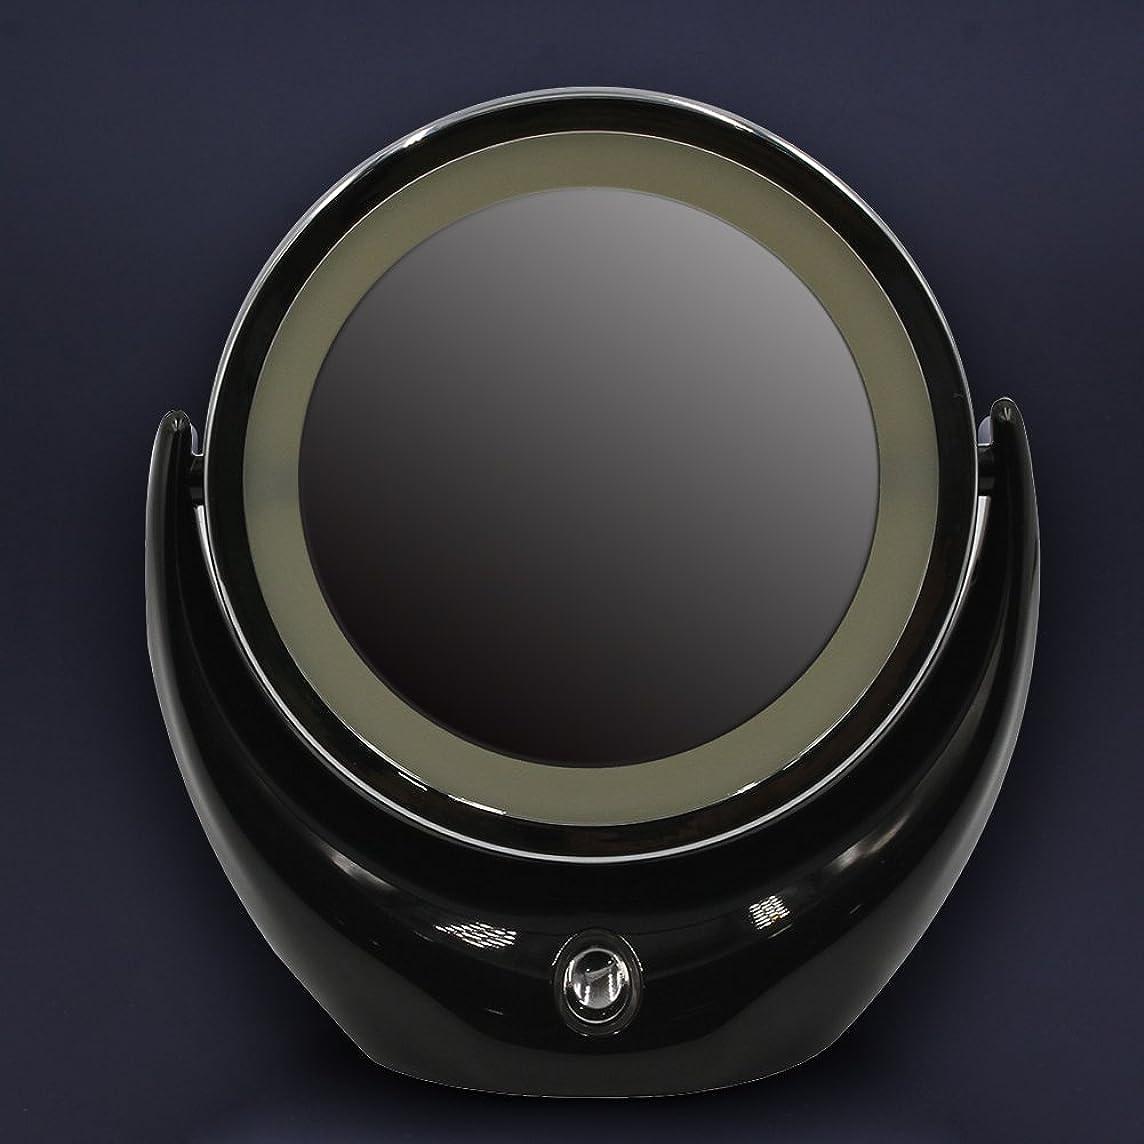 後継振るう歴史Yumbyss - LED表化粧品メイクアップミラー360回転ミラー照光が主導光女性ミラー両面ルミナス3色[ブラック]